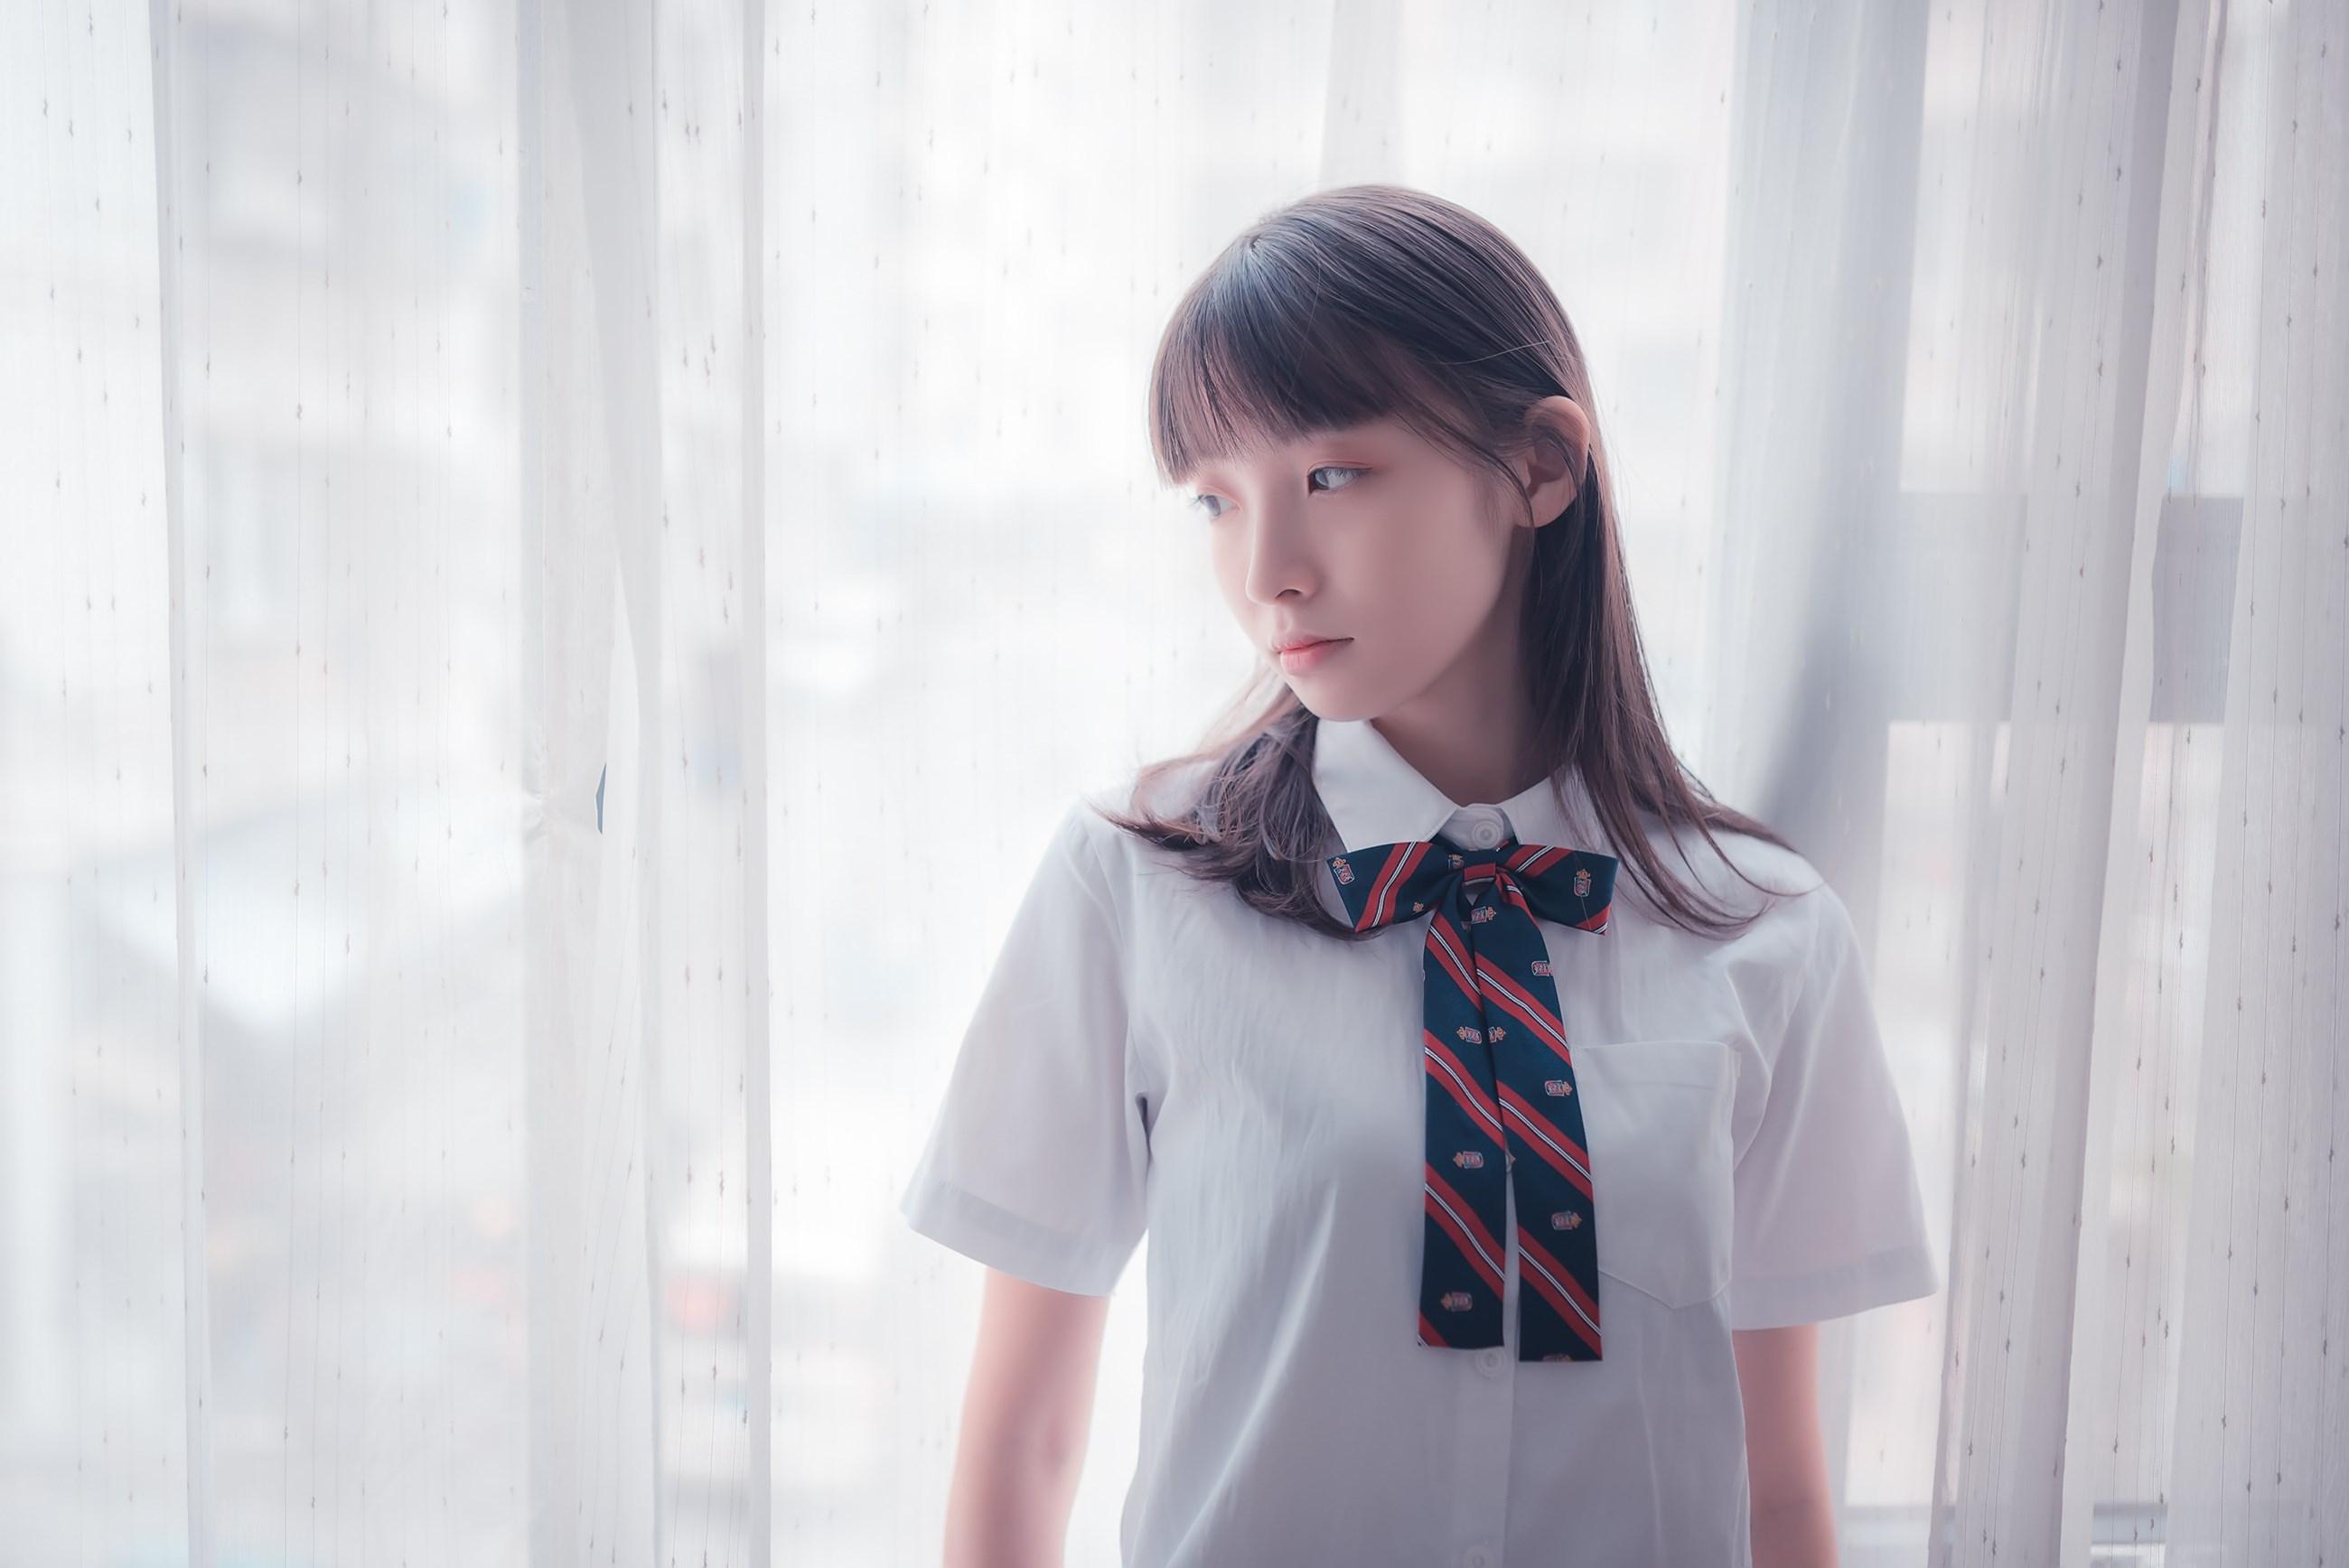 【兔玩映画】白色的JK 兔玩映画 第33张